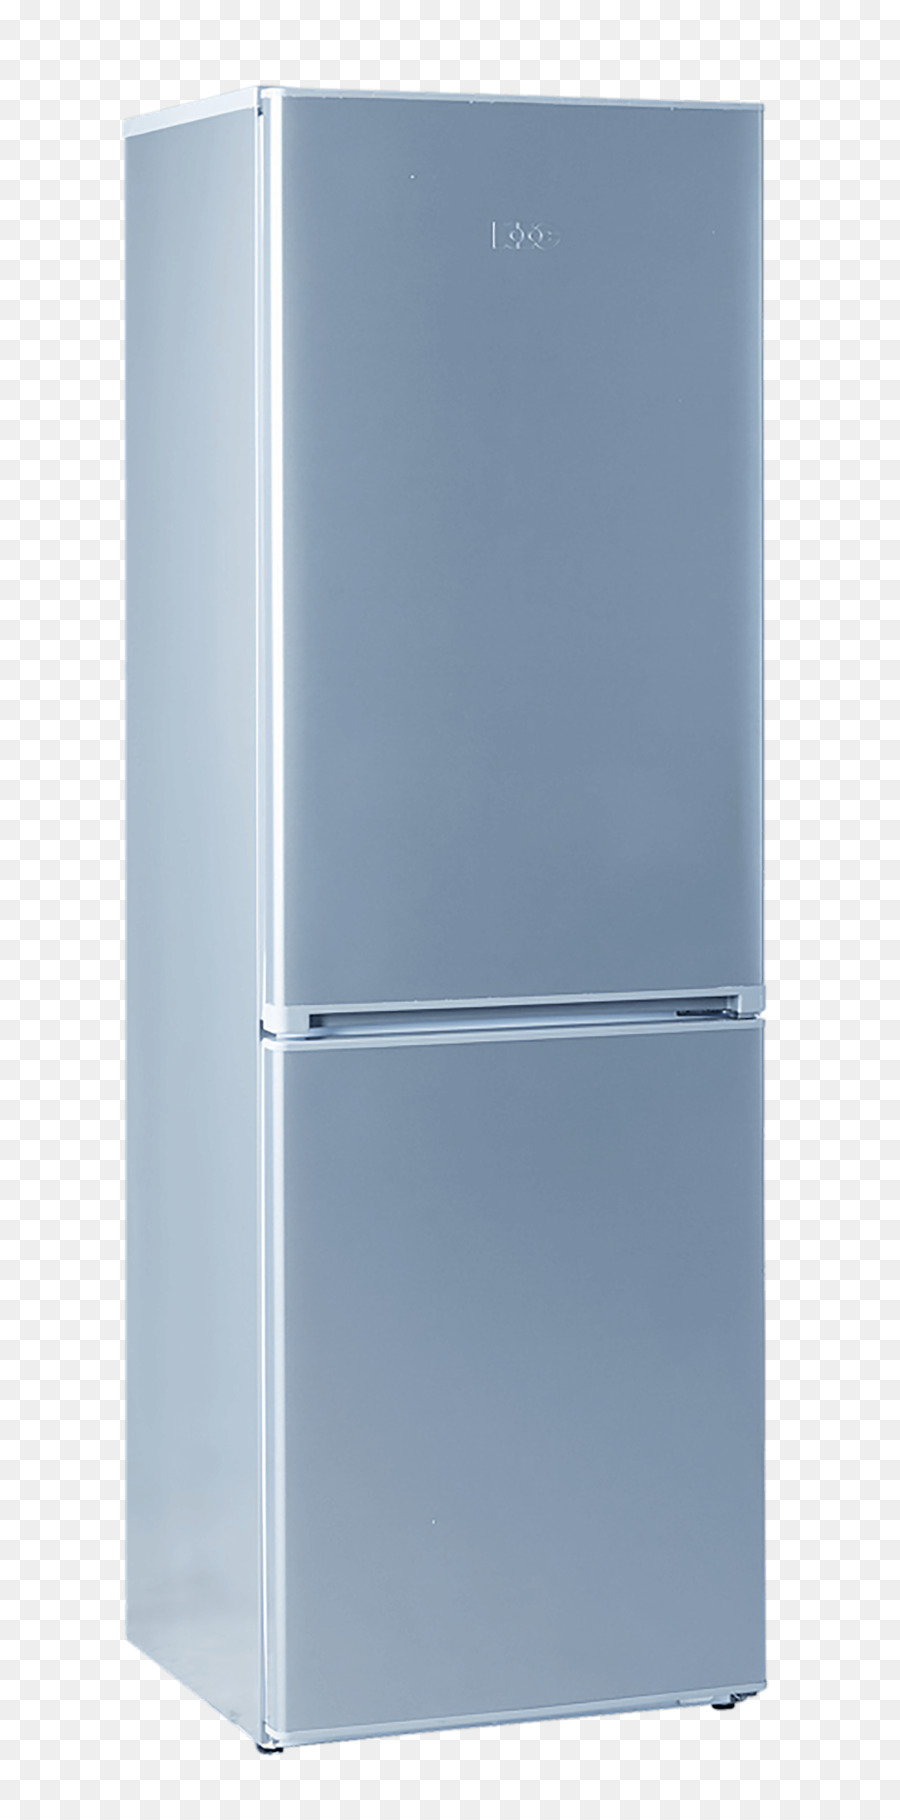 Refrigerator Pocket Door Freezers Sliding Glass Door Refrigerator